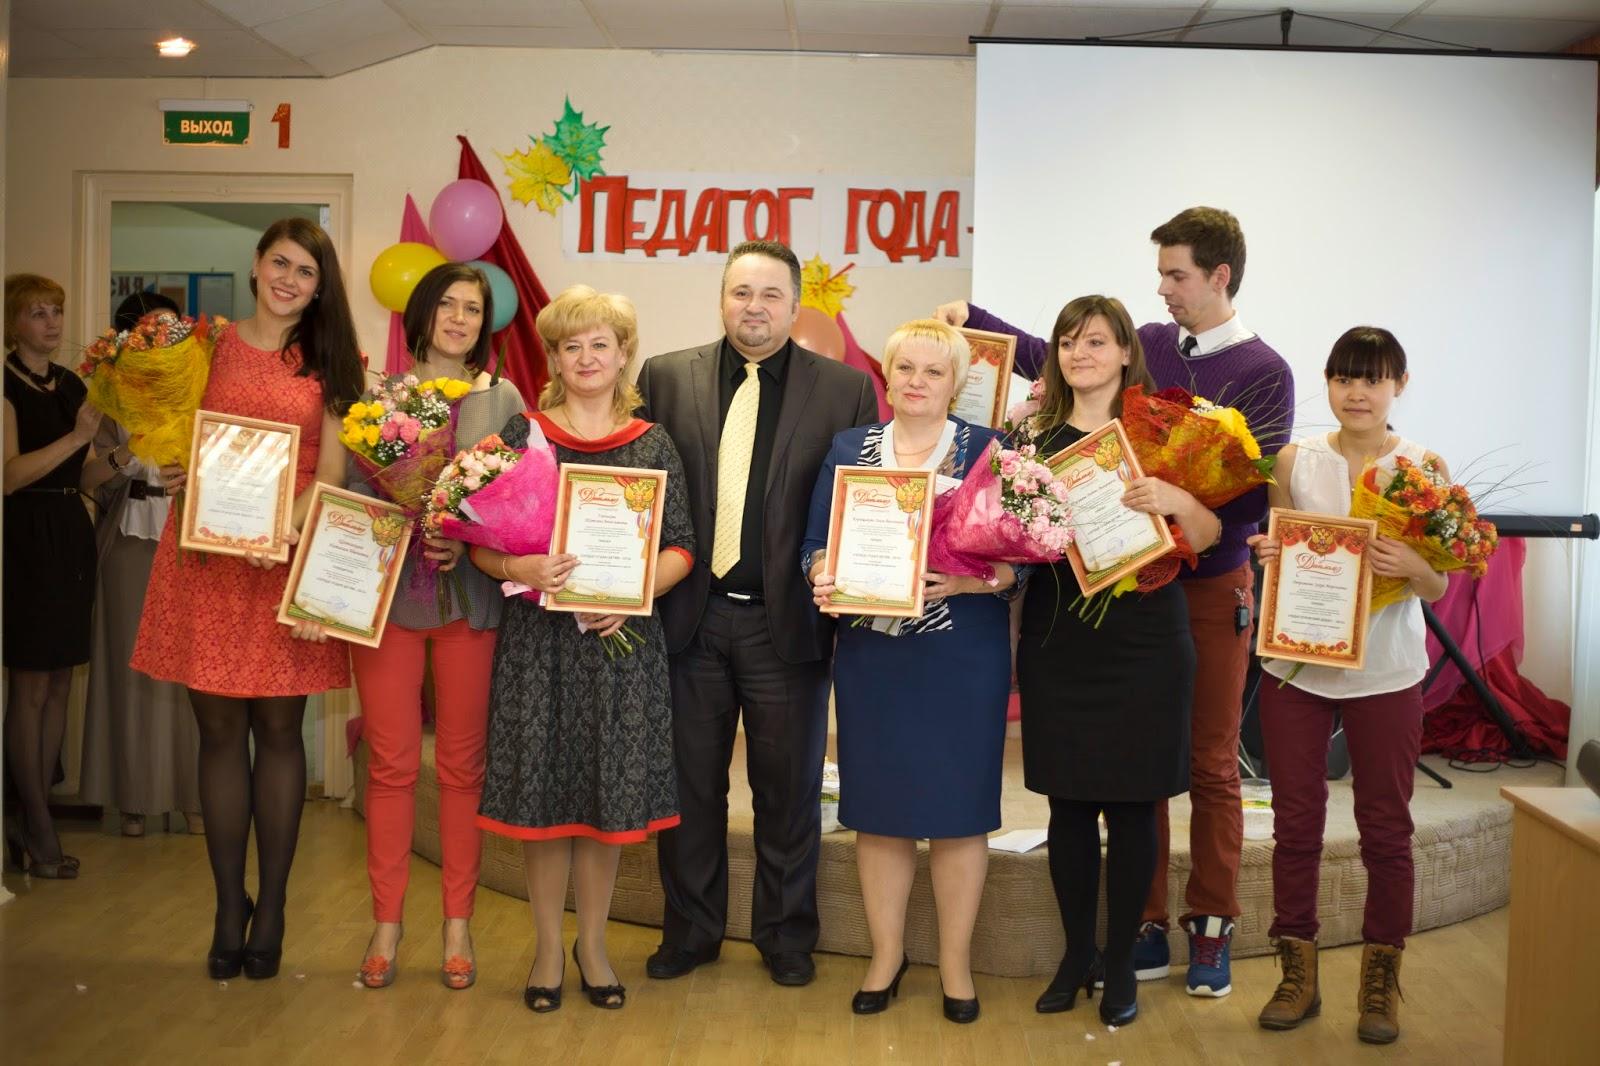 Подарки на конкурс учитель года